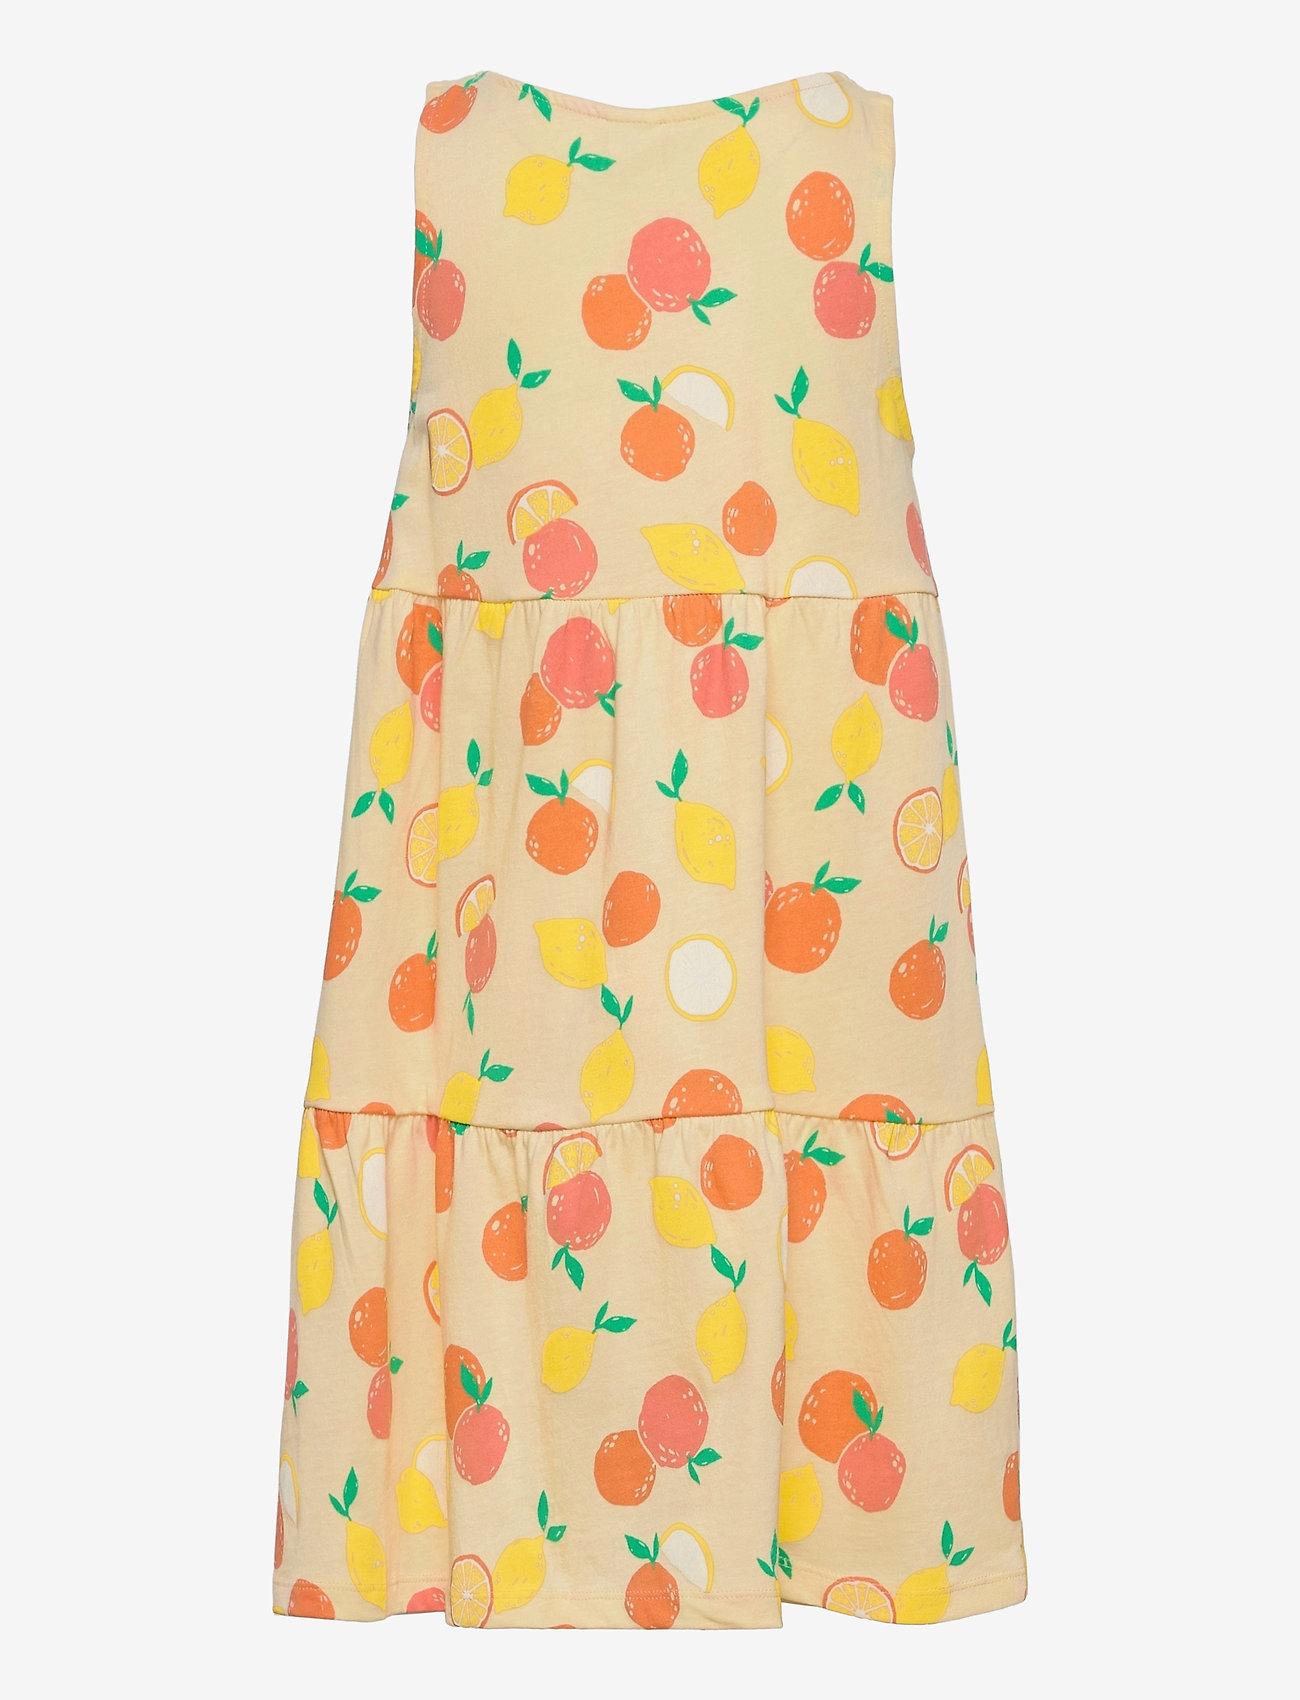 Lindex - Dress straps - kleider - yellow - 1